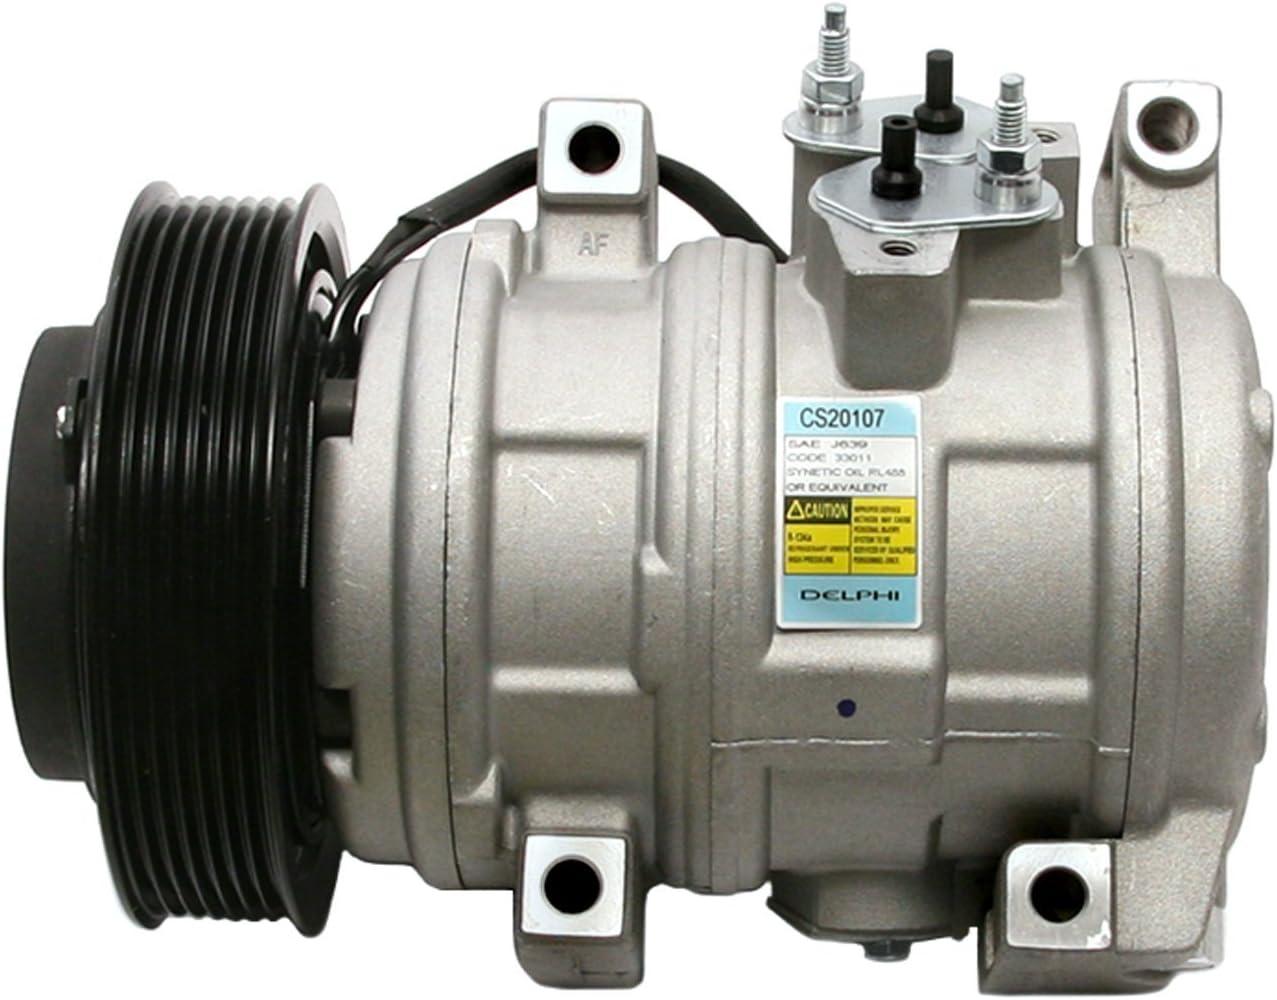 Delphi CS20107 10S17 New Air Conditioning Compressor